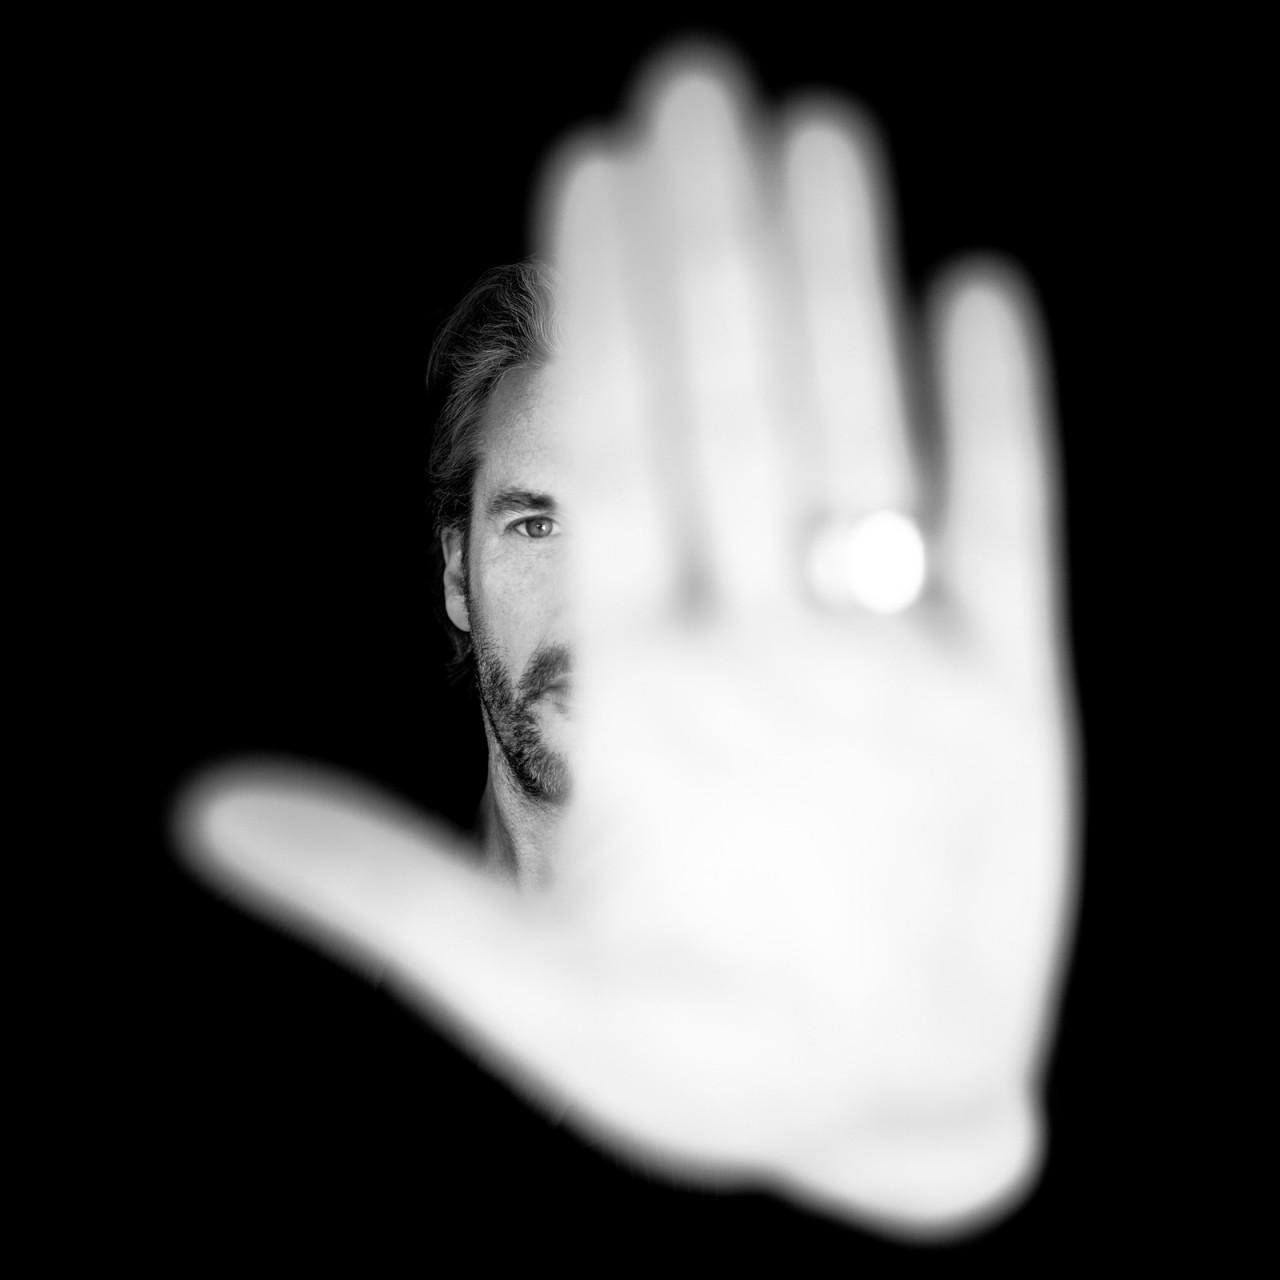 «Скрытое лицо». Автор Бенуа Корти